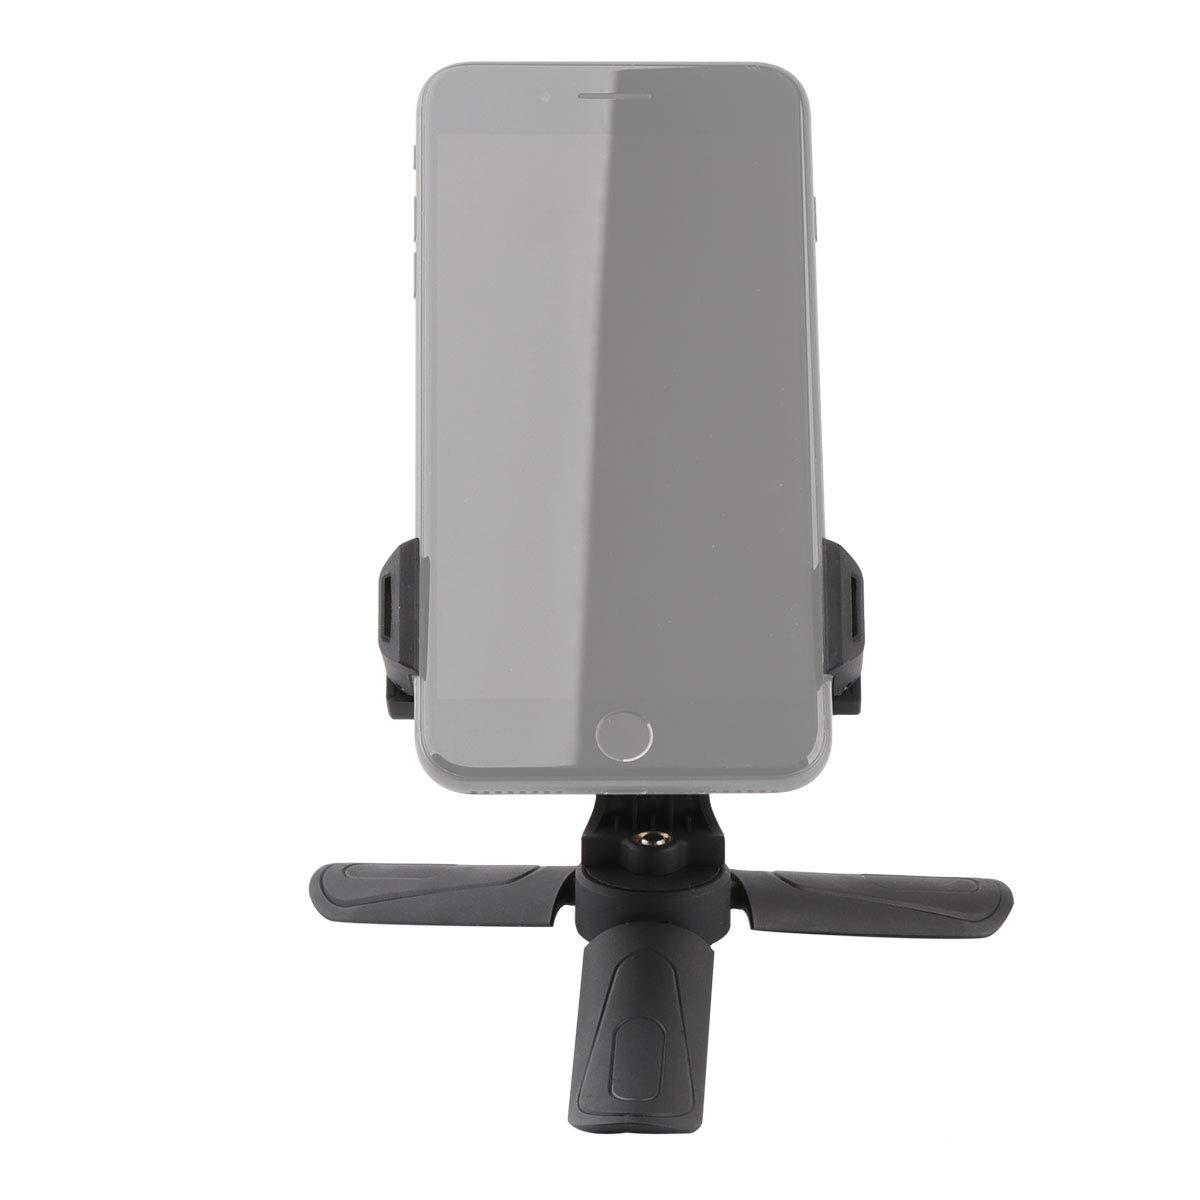 Zhiyou Protecteur D/écran Verre Tremp/é pour DJI OSMO Pocket 2 Protecteurs D/écran + 2 Prot/ège-objectifs